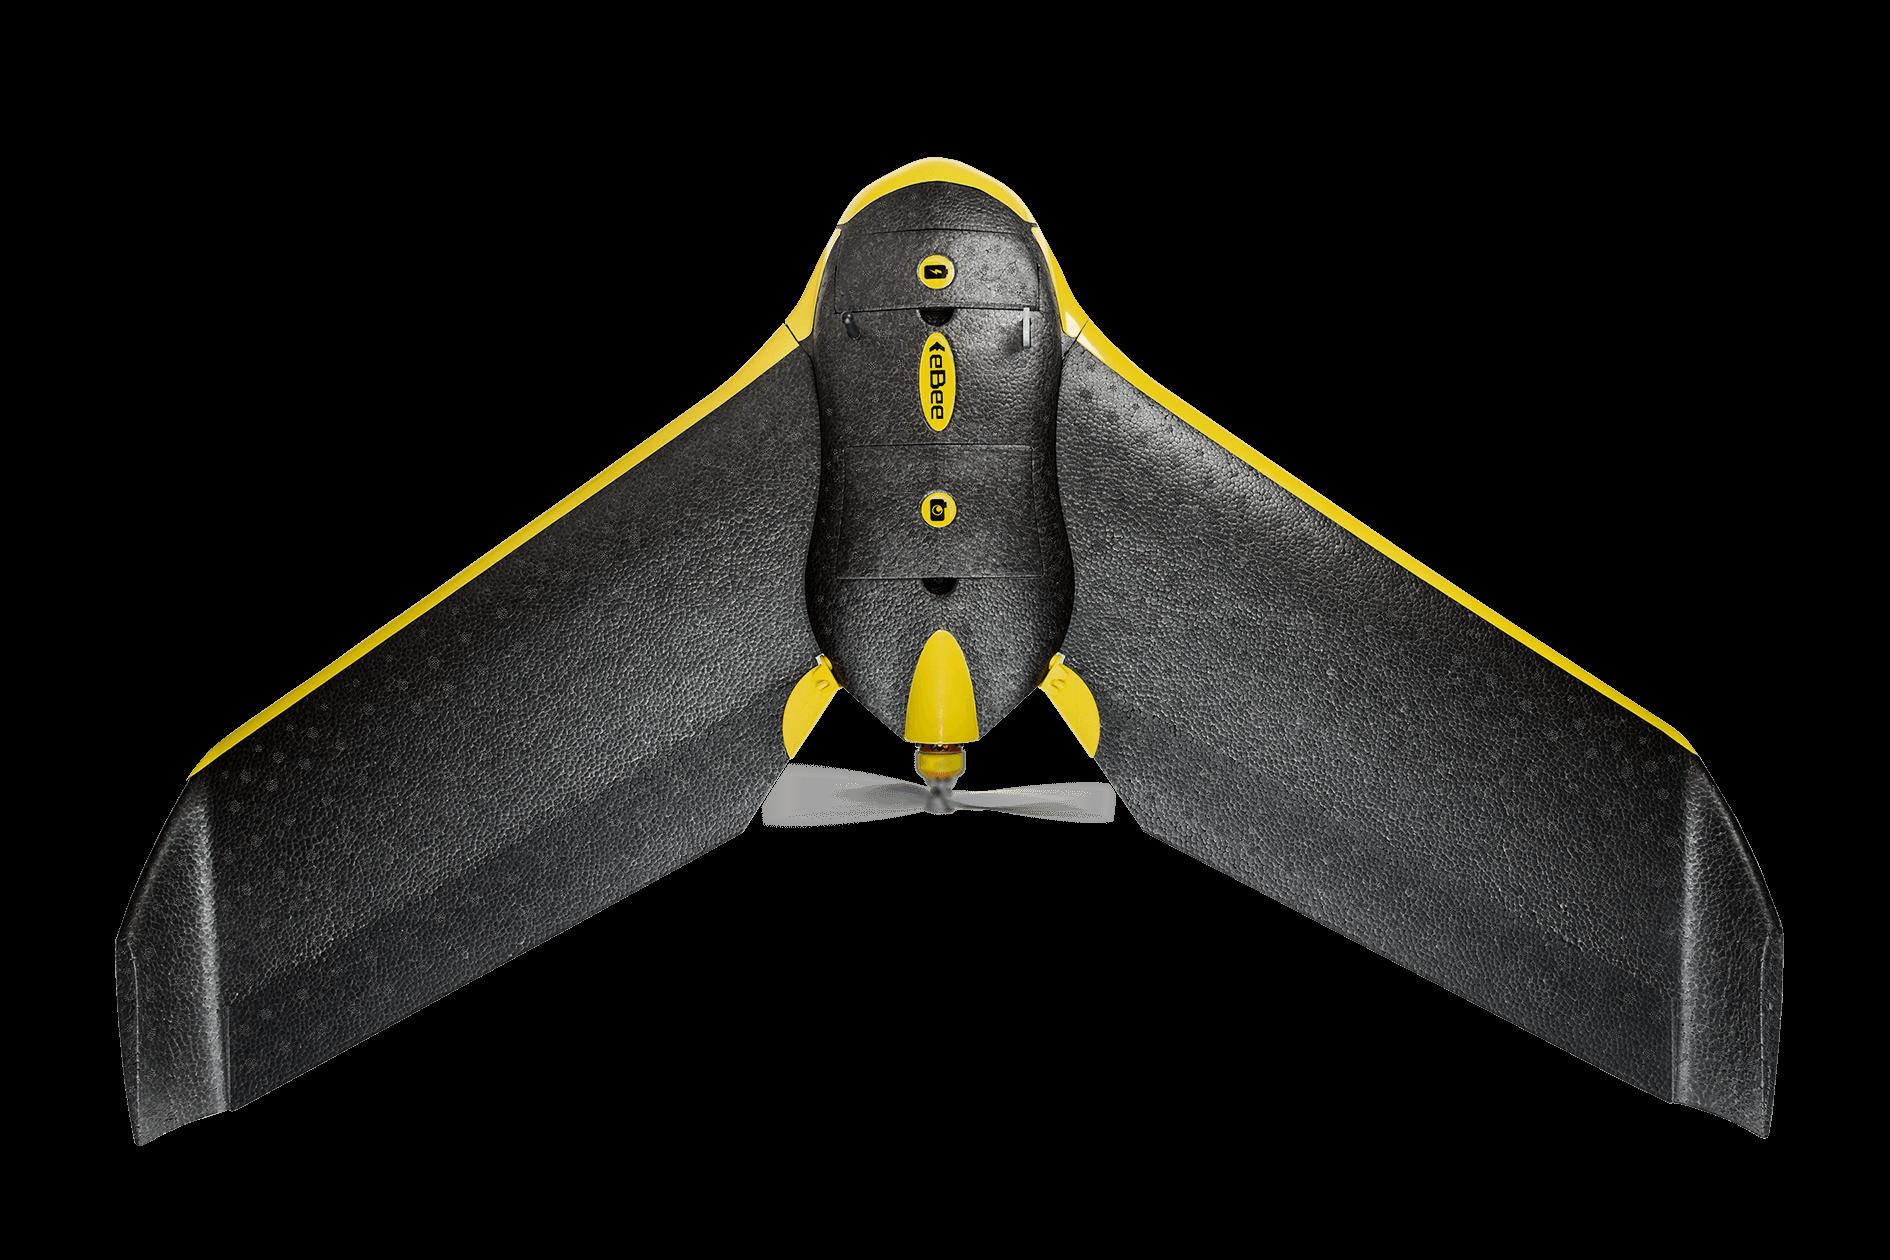 ebee-top-propeller